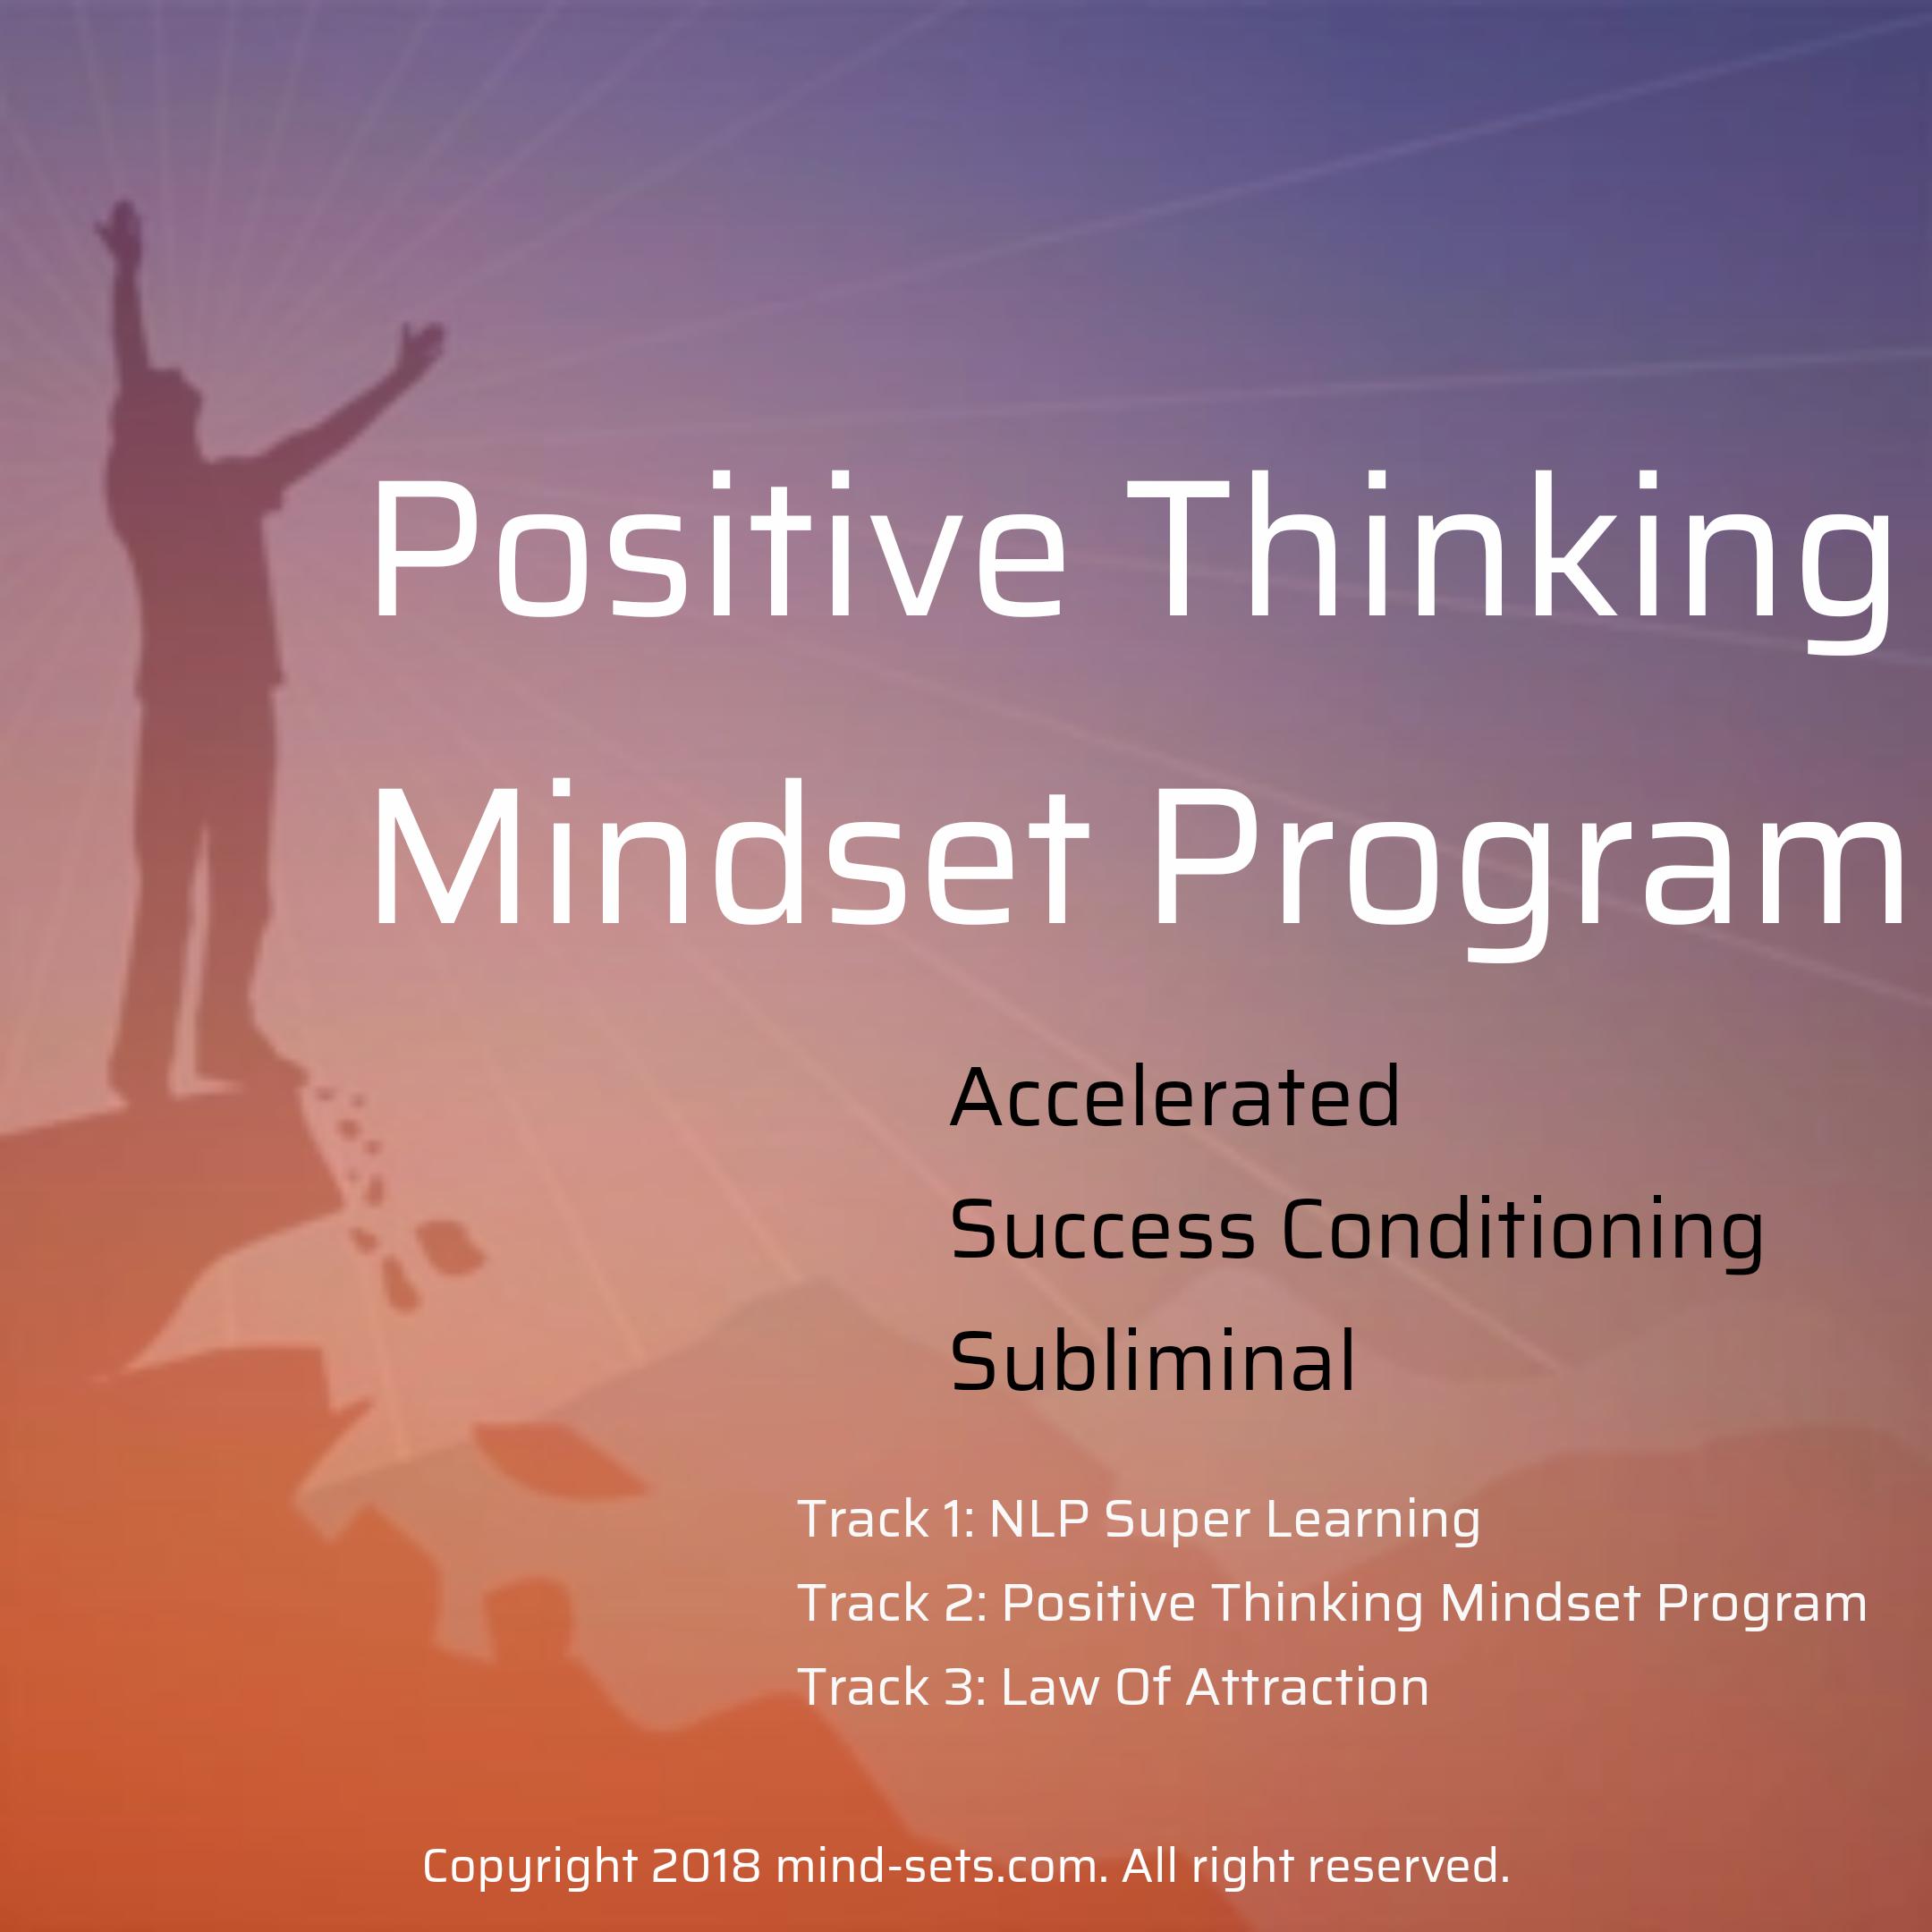 Positive Thinking Mindset Program